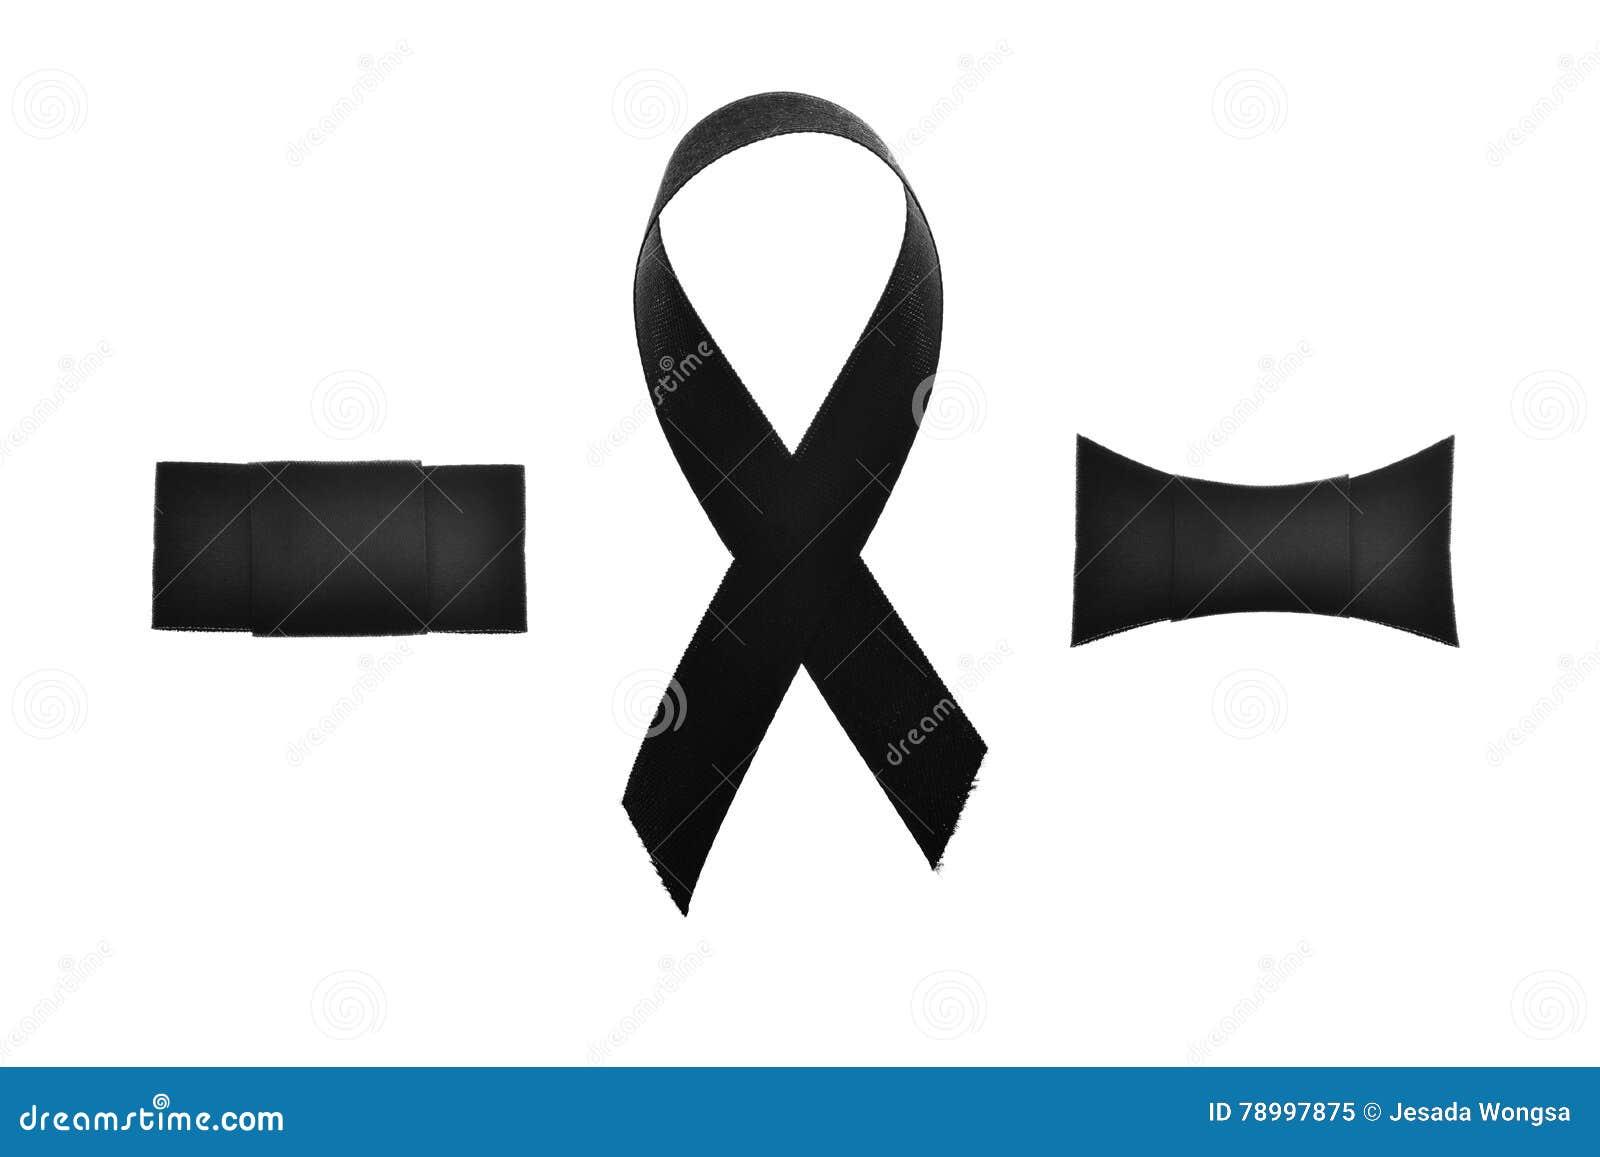 Black Ribbonmelanoma Awareness Or Symbol Mourning Isolate On White